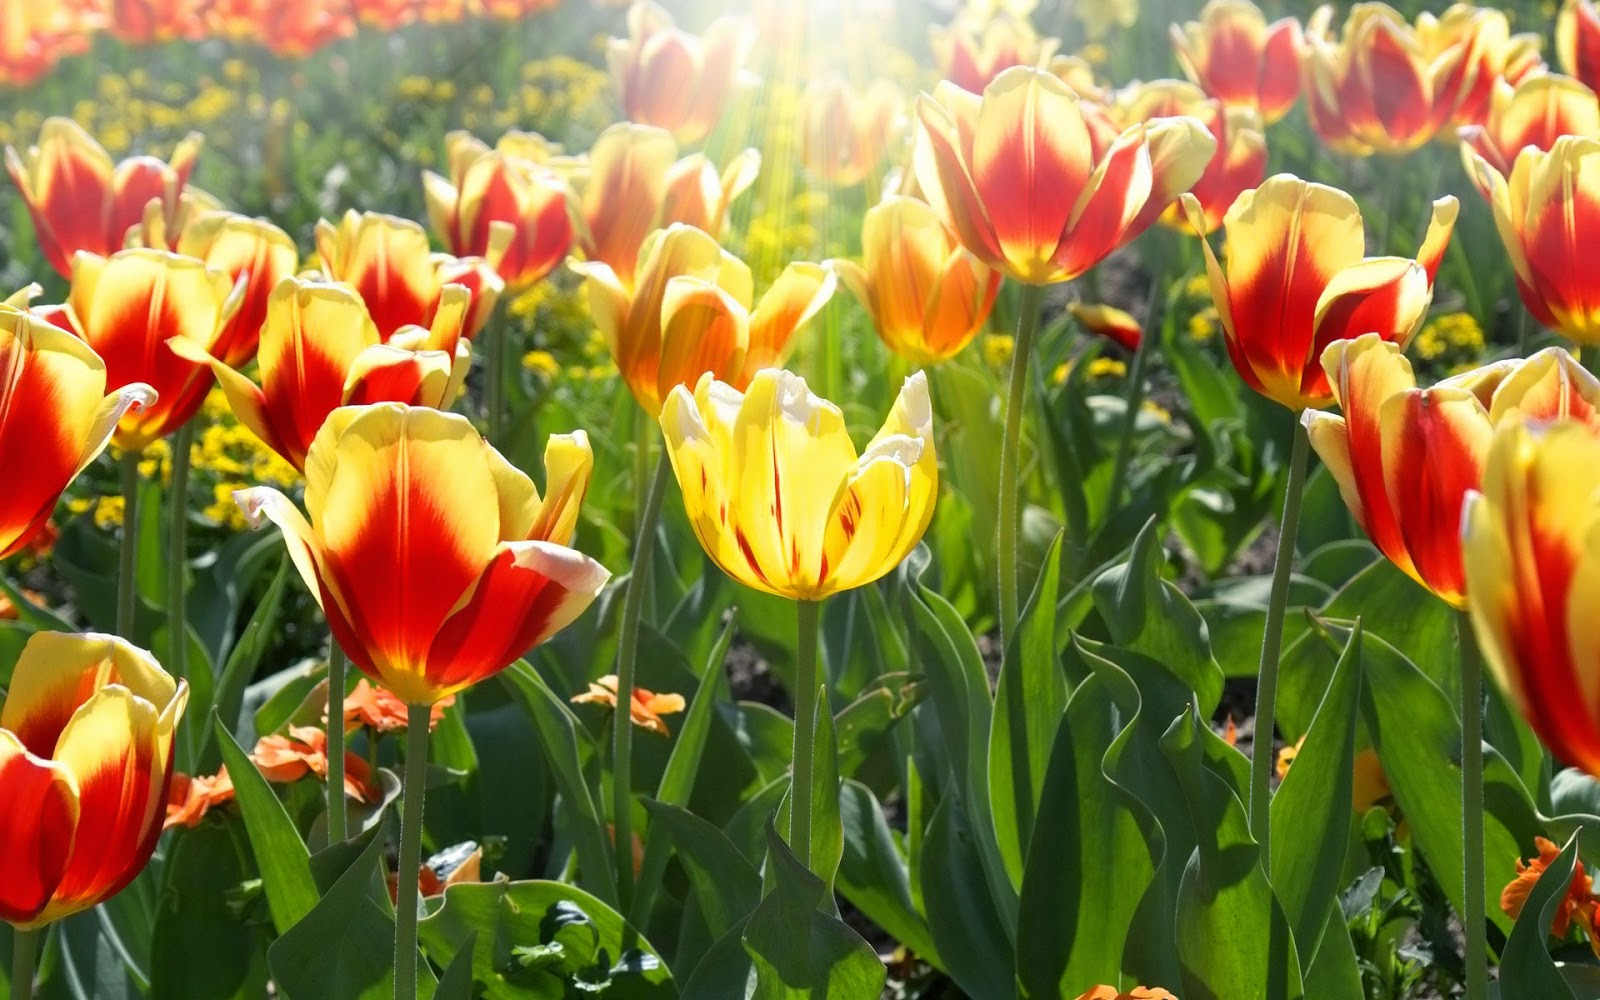 Rood gele tulpen met zonnestralen in de lente